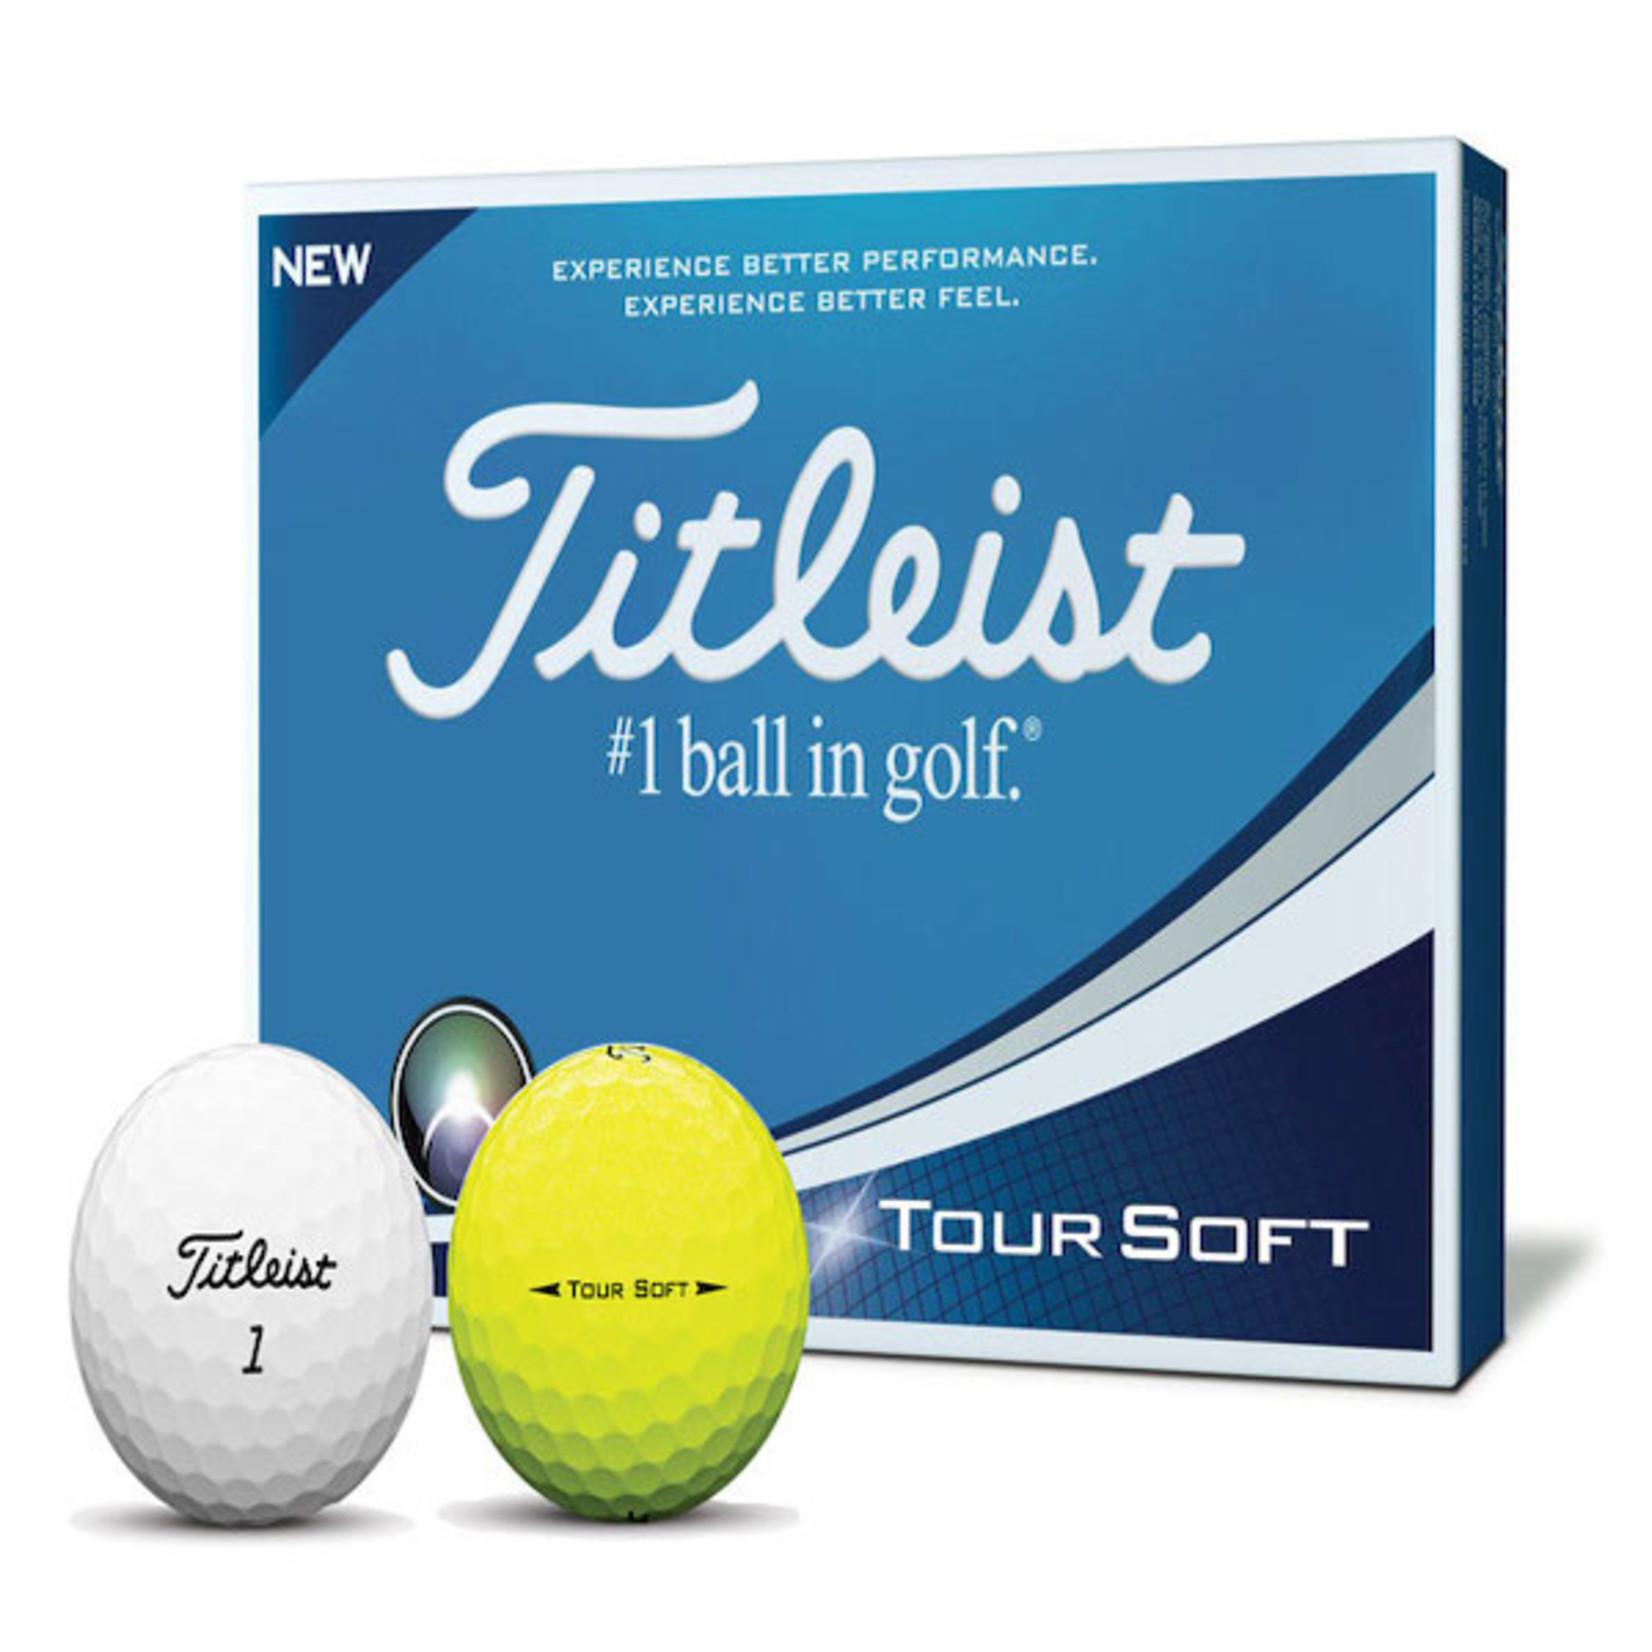 TITLEIST TITLEIST TOUR SOFT BALL